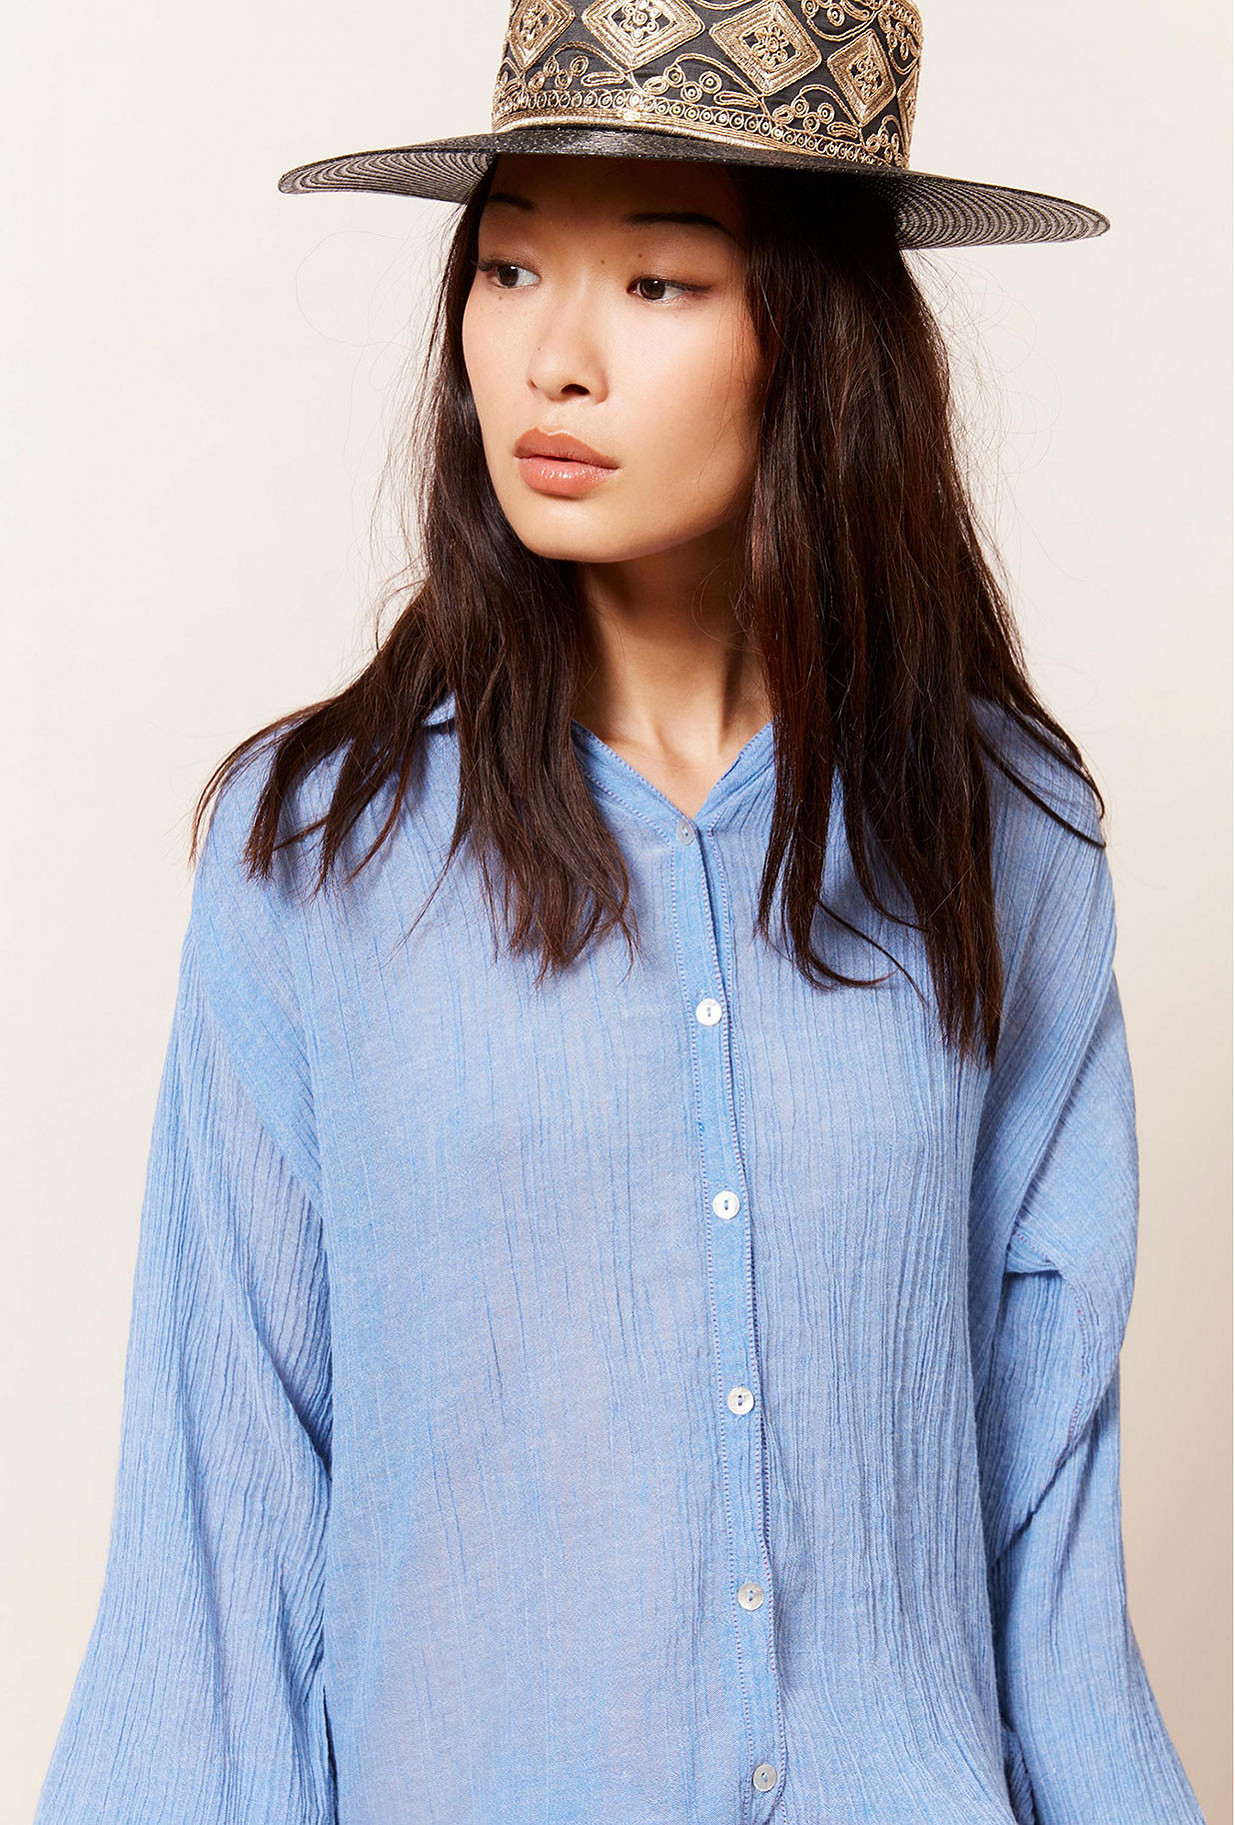 Paris clothes store Shirt  Daniel french designer fashion Paris